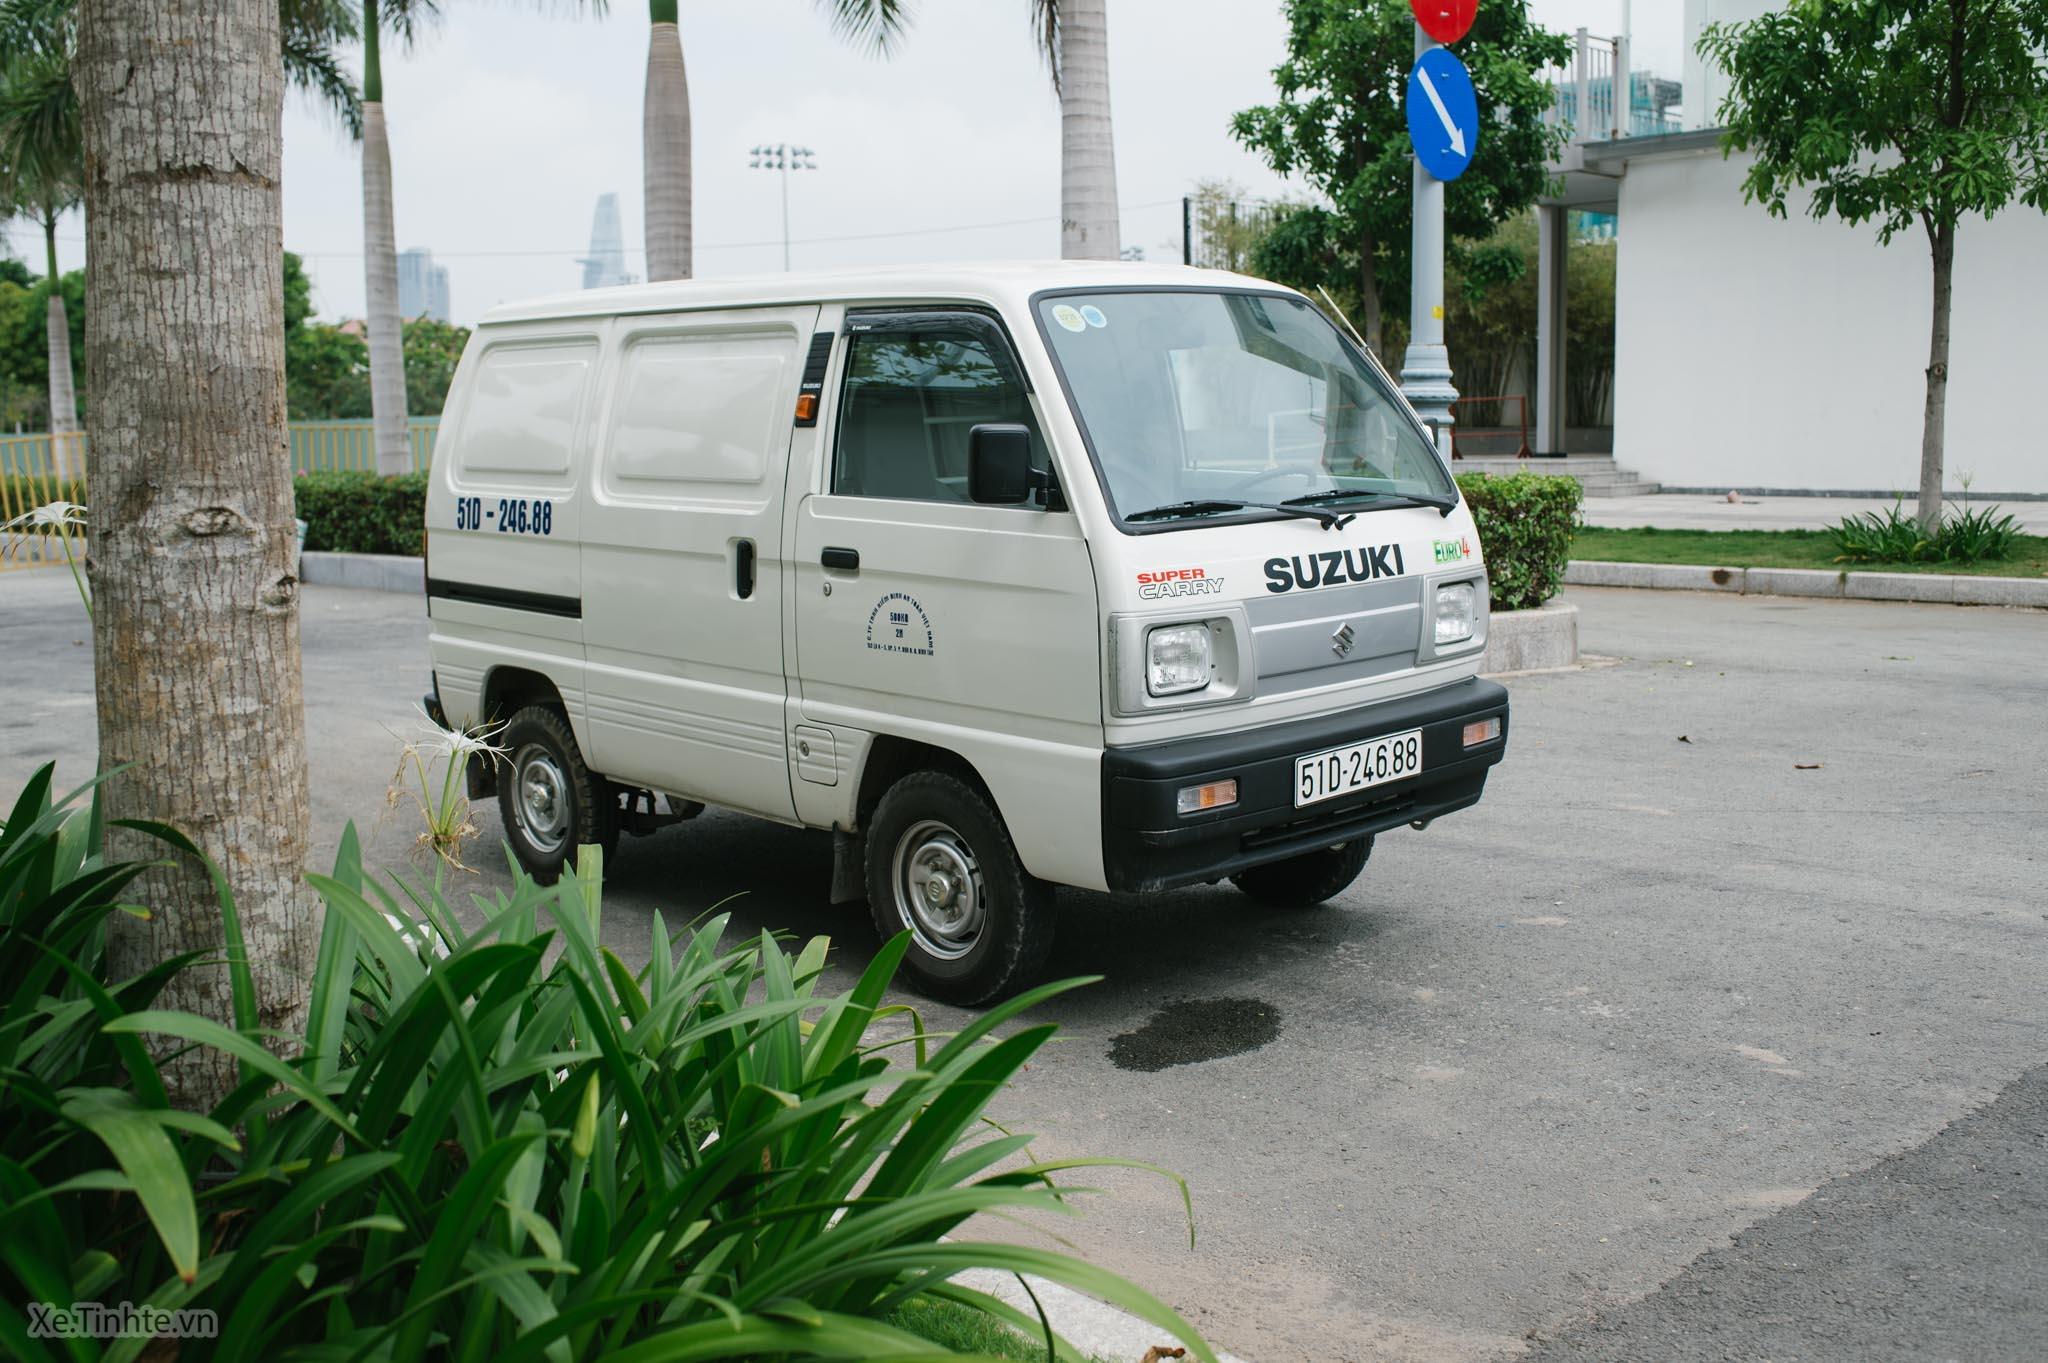 Suzuki-Carry-Blind-Van-sai-gon